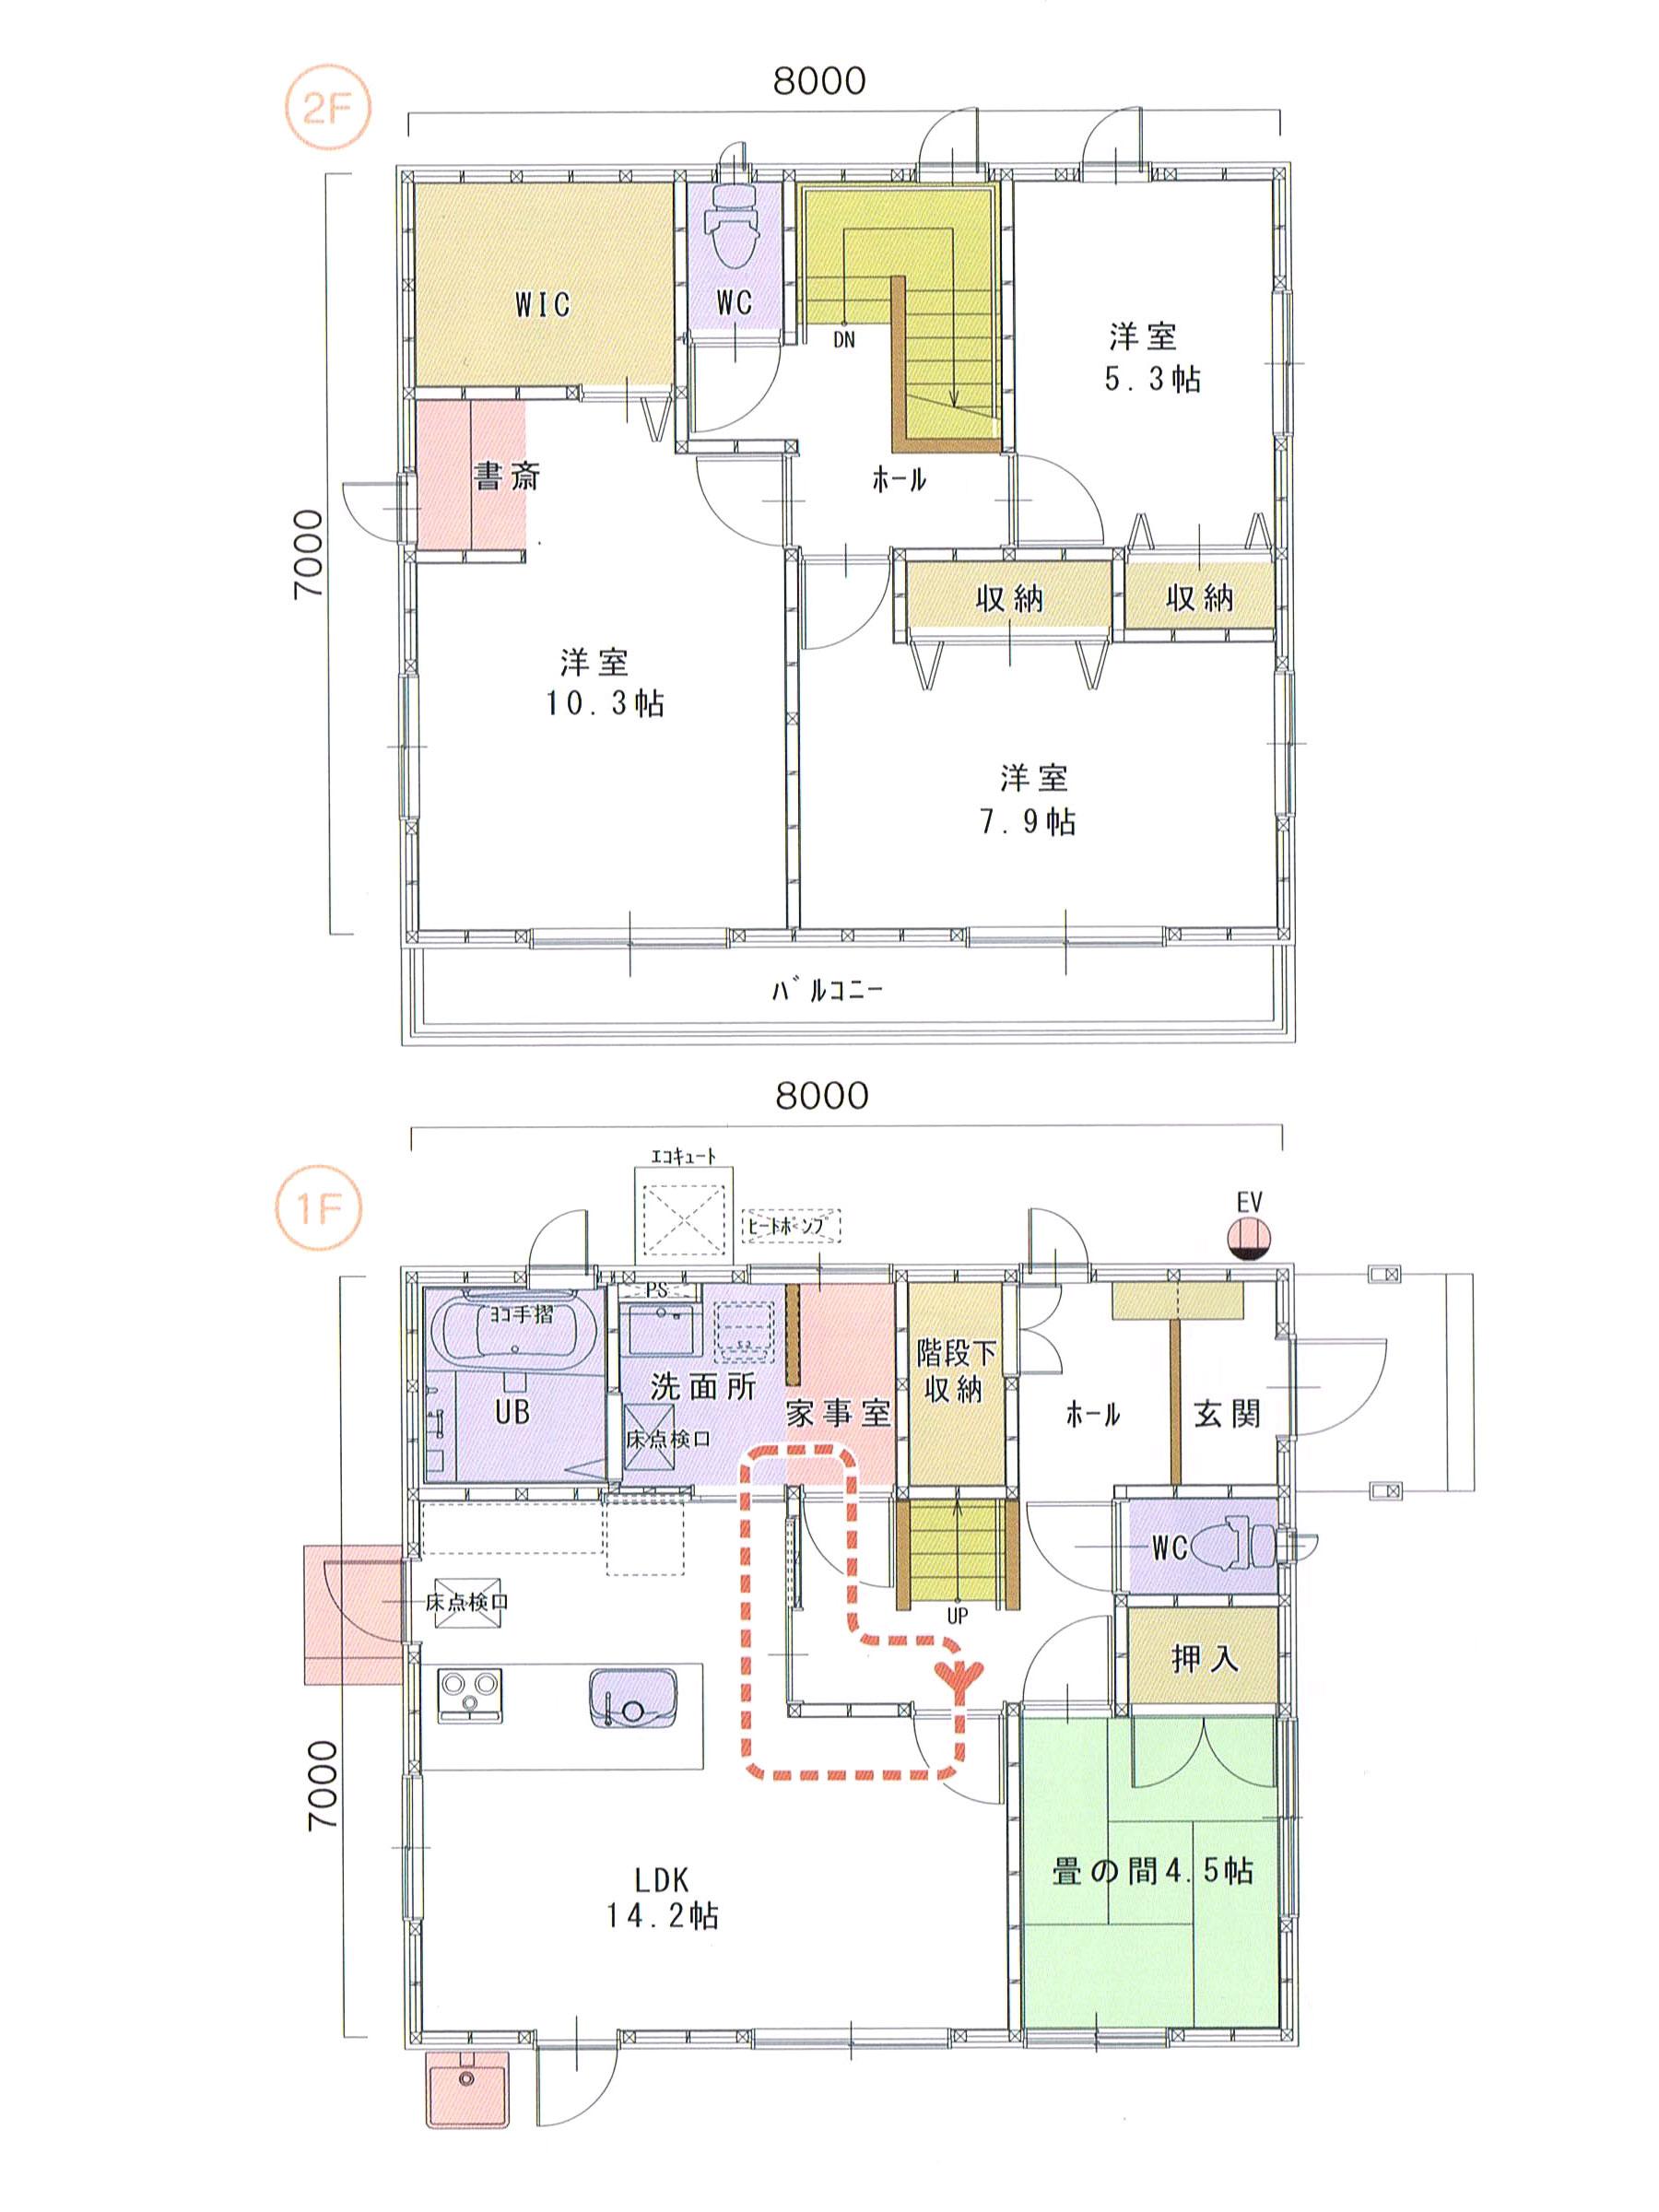 プランK-03 スモリの家